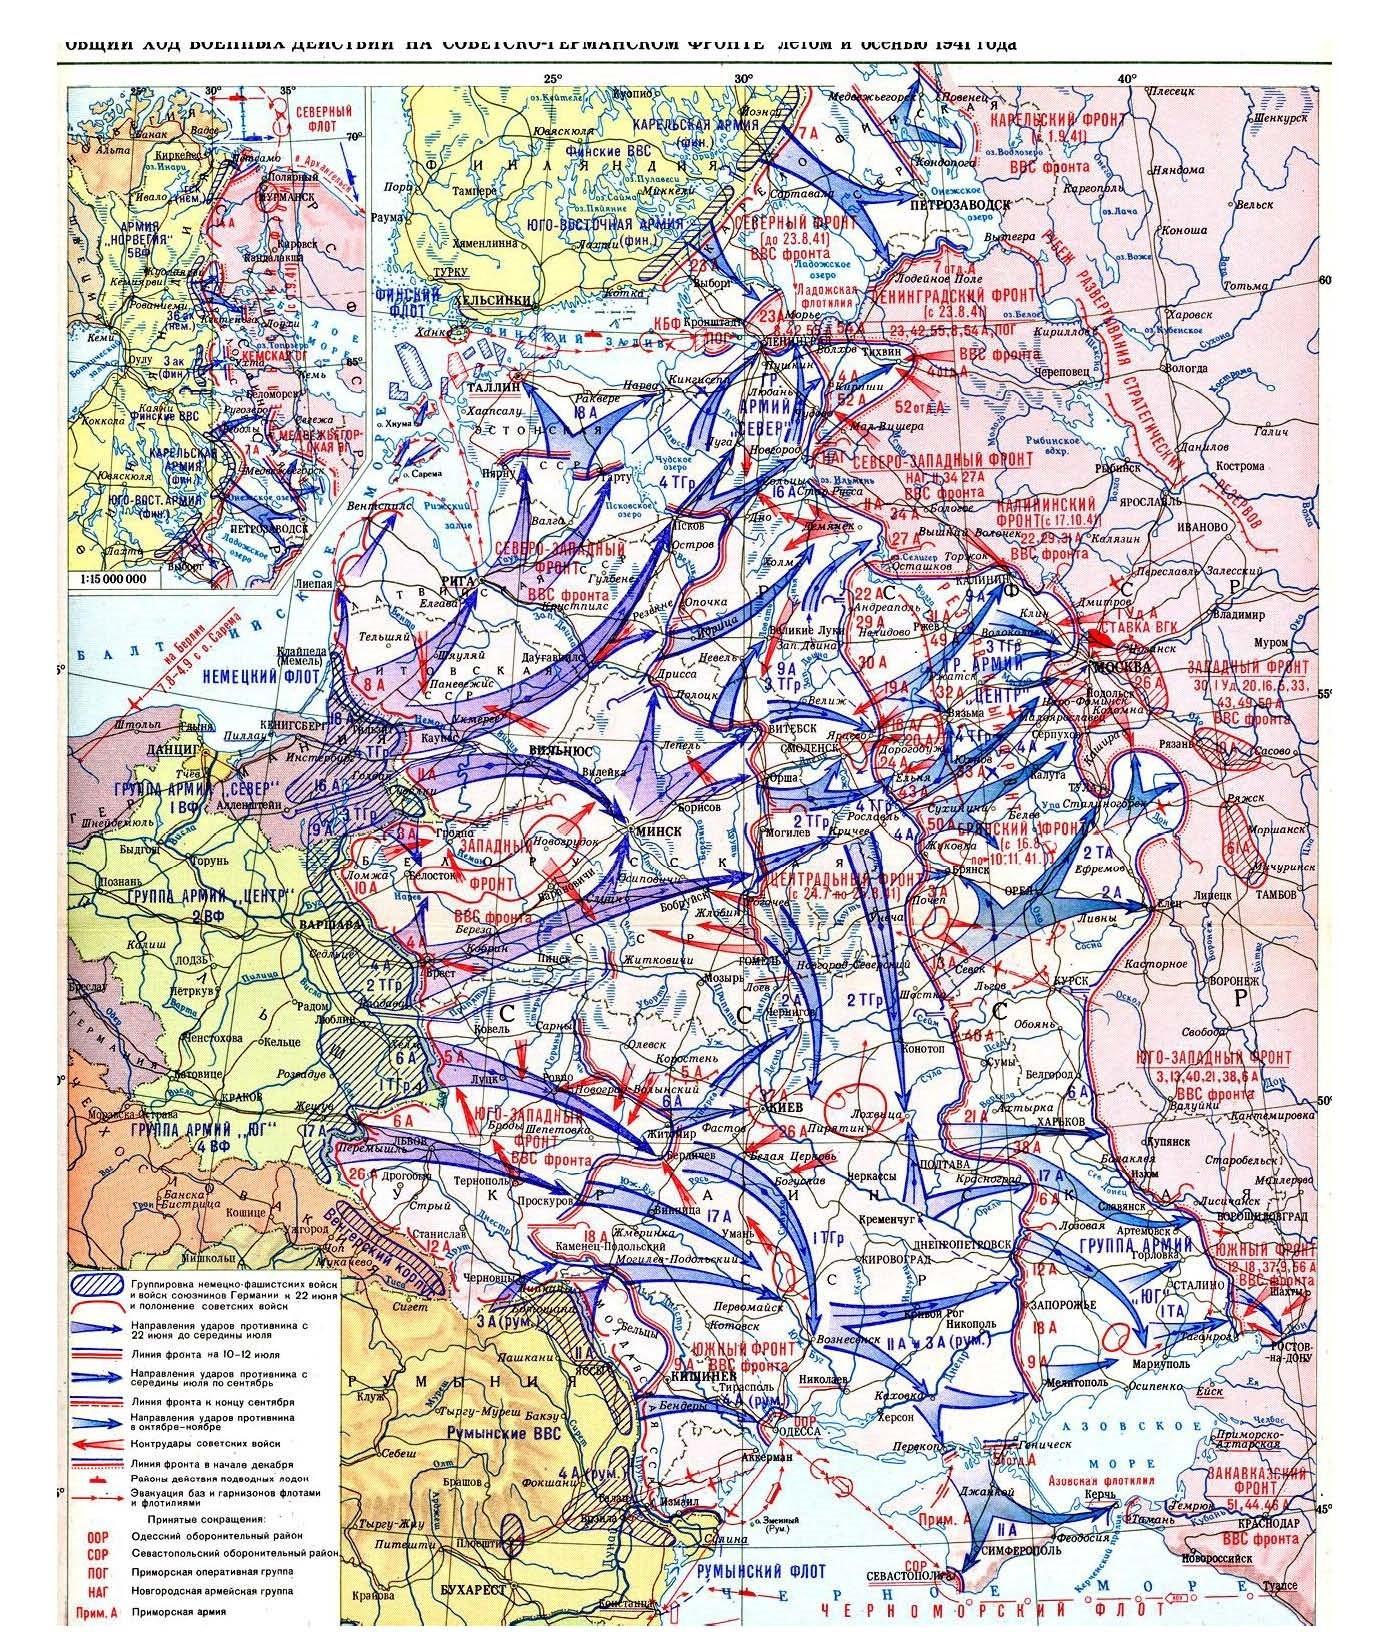 ВОВ 1941